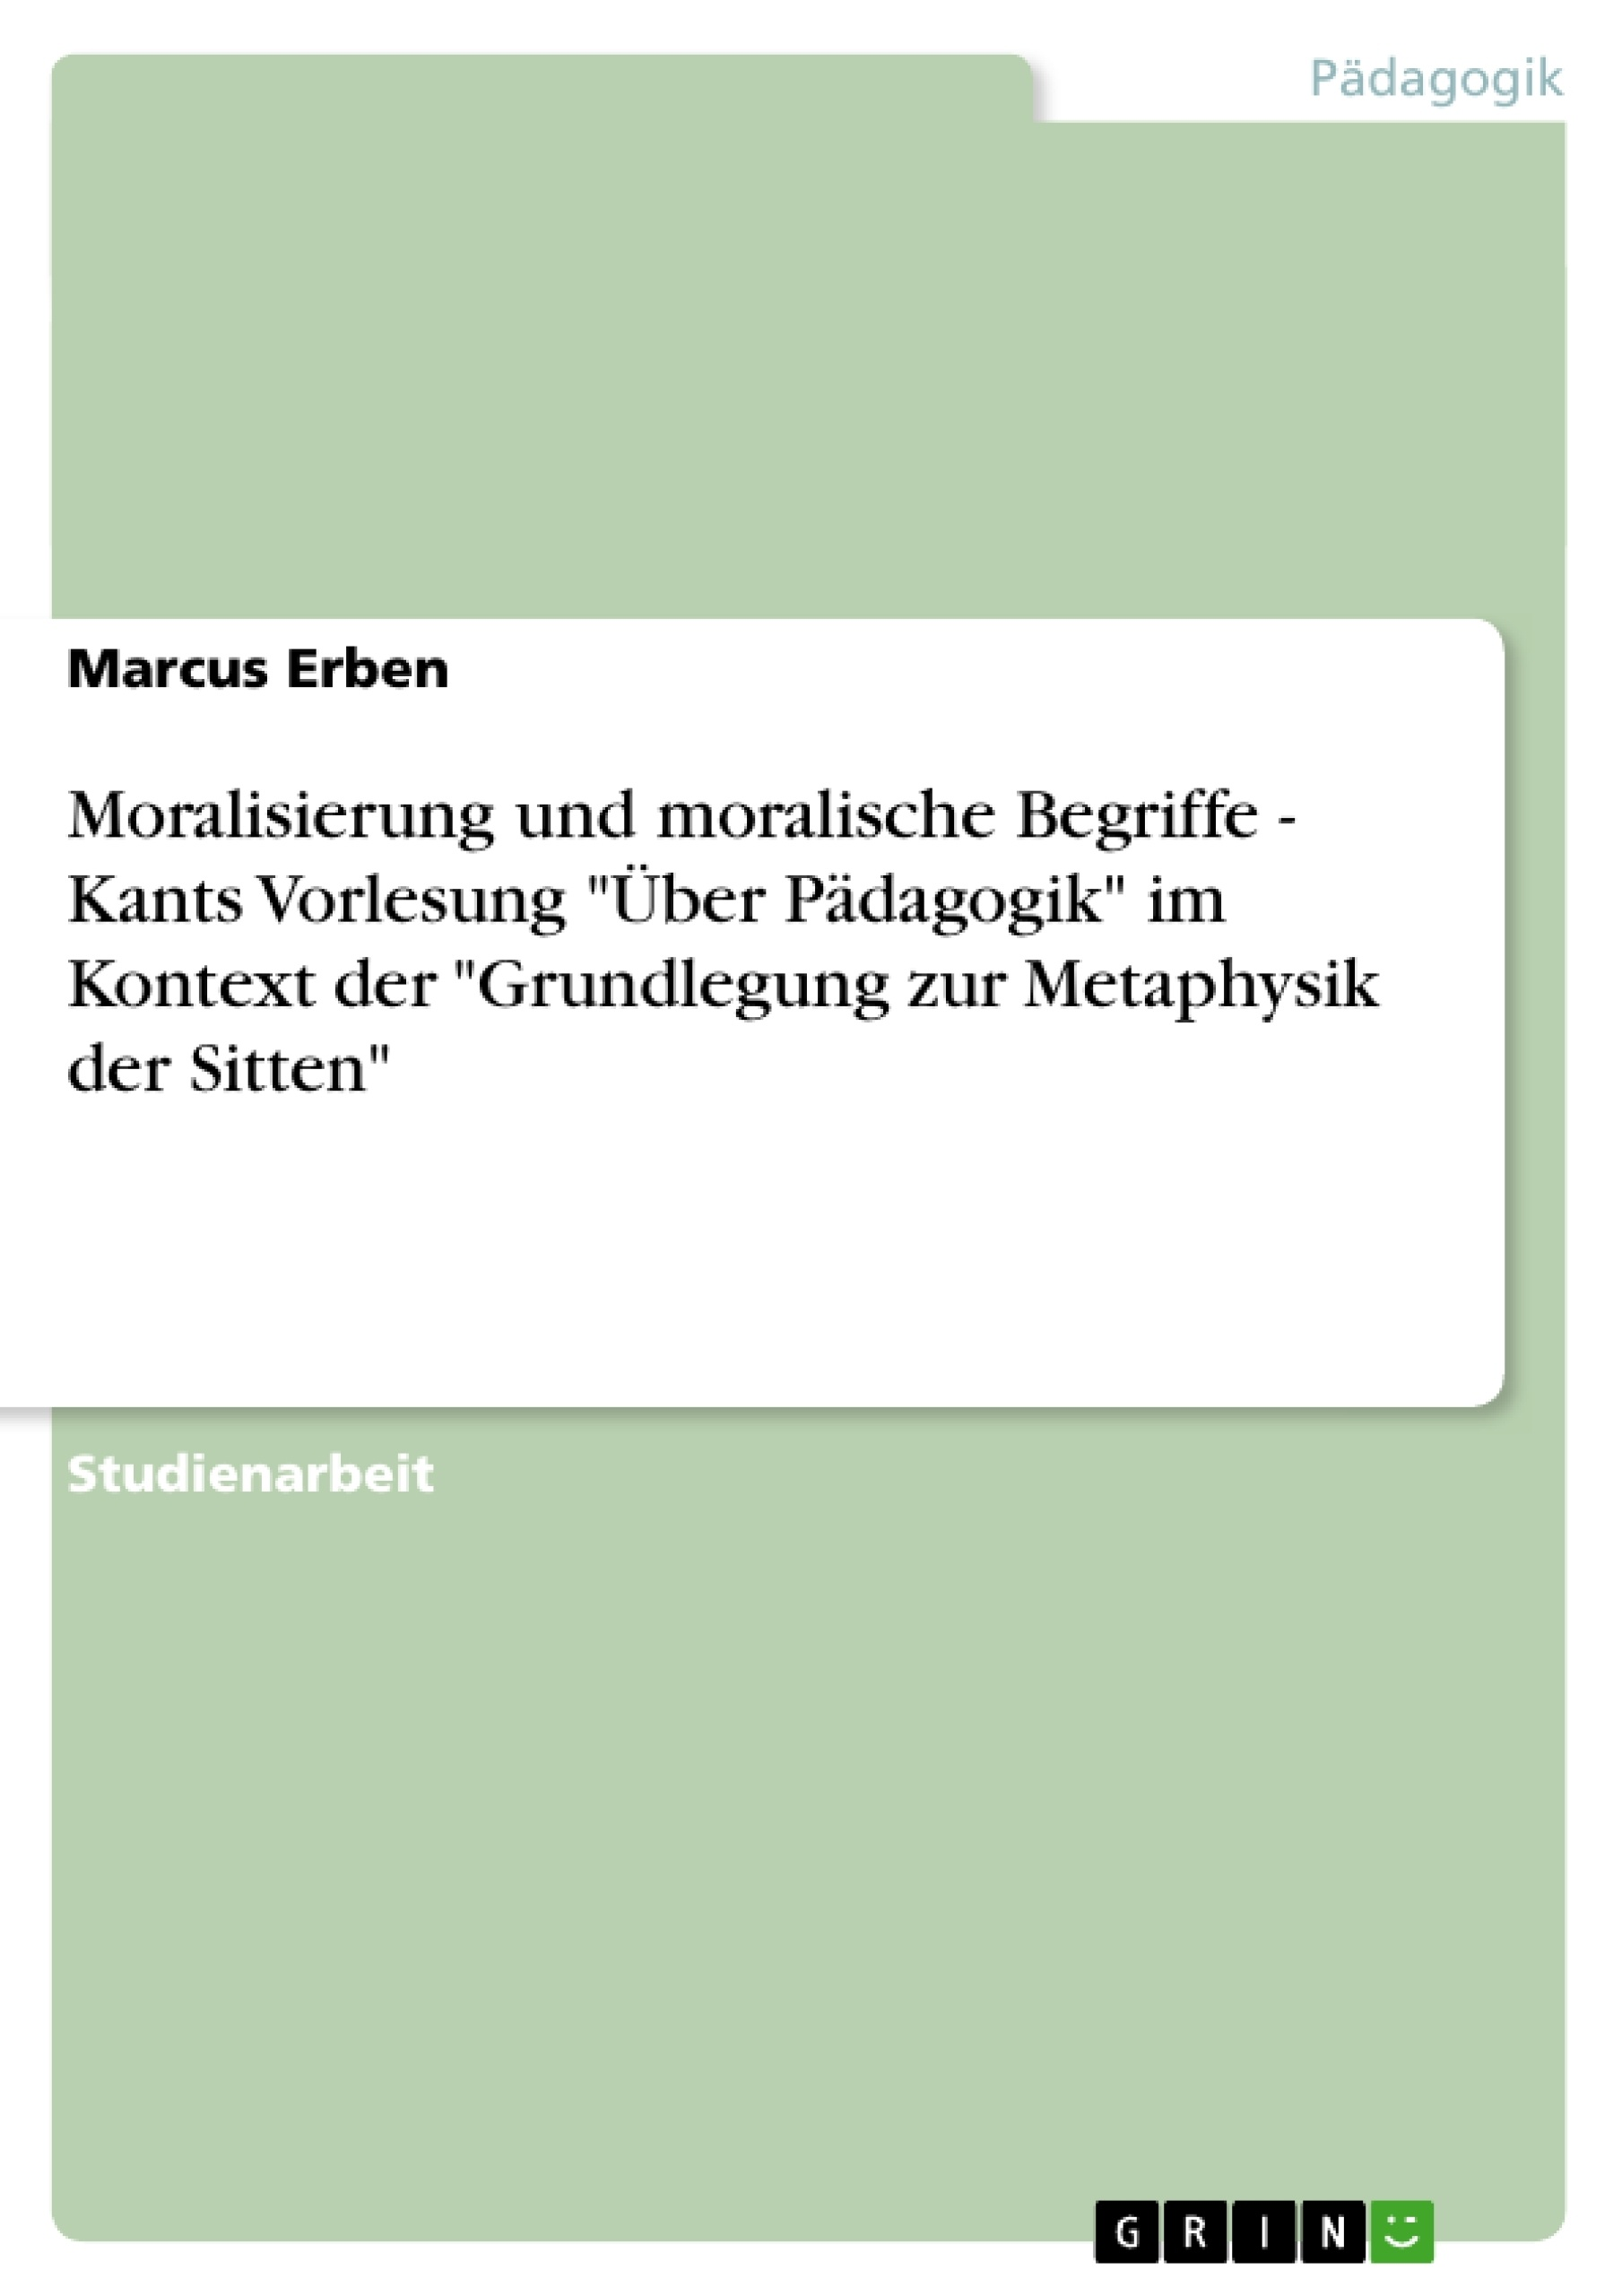 """Titel: Moralisierung und moralische Begriffe - Kants Vorlesung """"Über Pädagogik"""" im Kontext der """"Grundlegung zur Metaphysik der Sitten"""""""